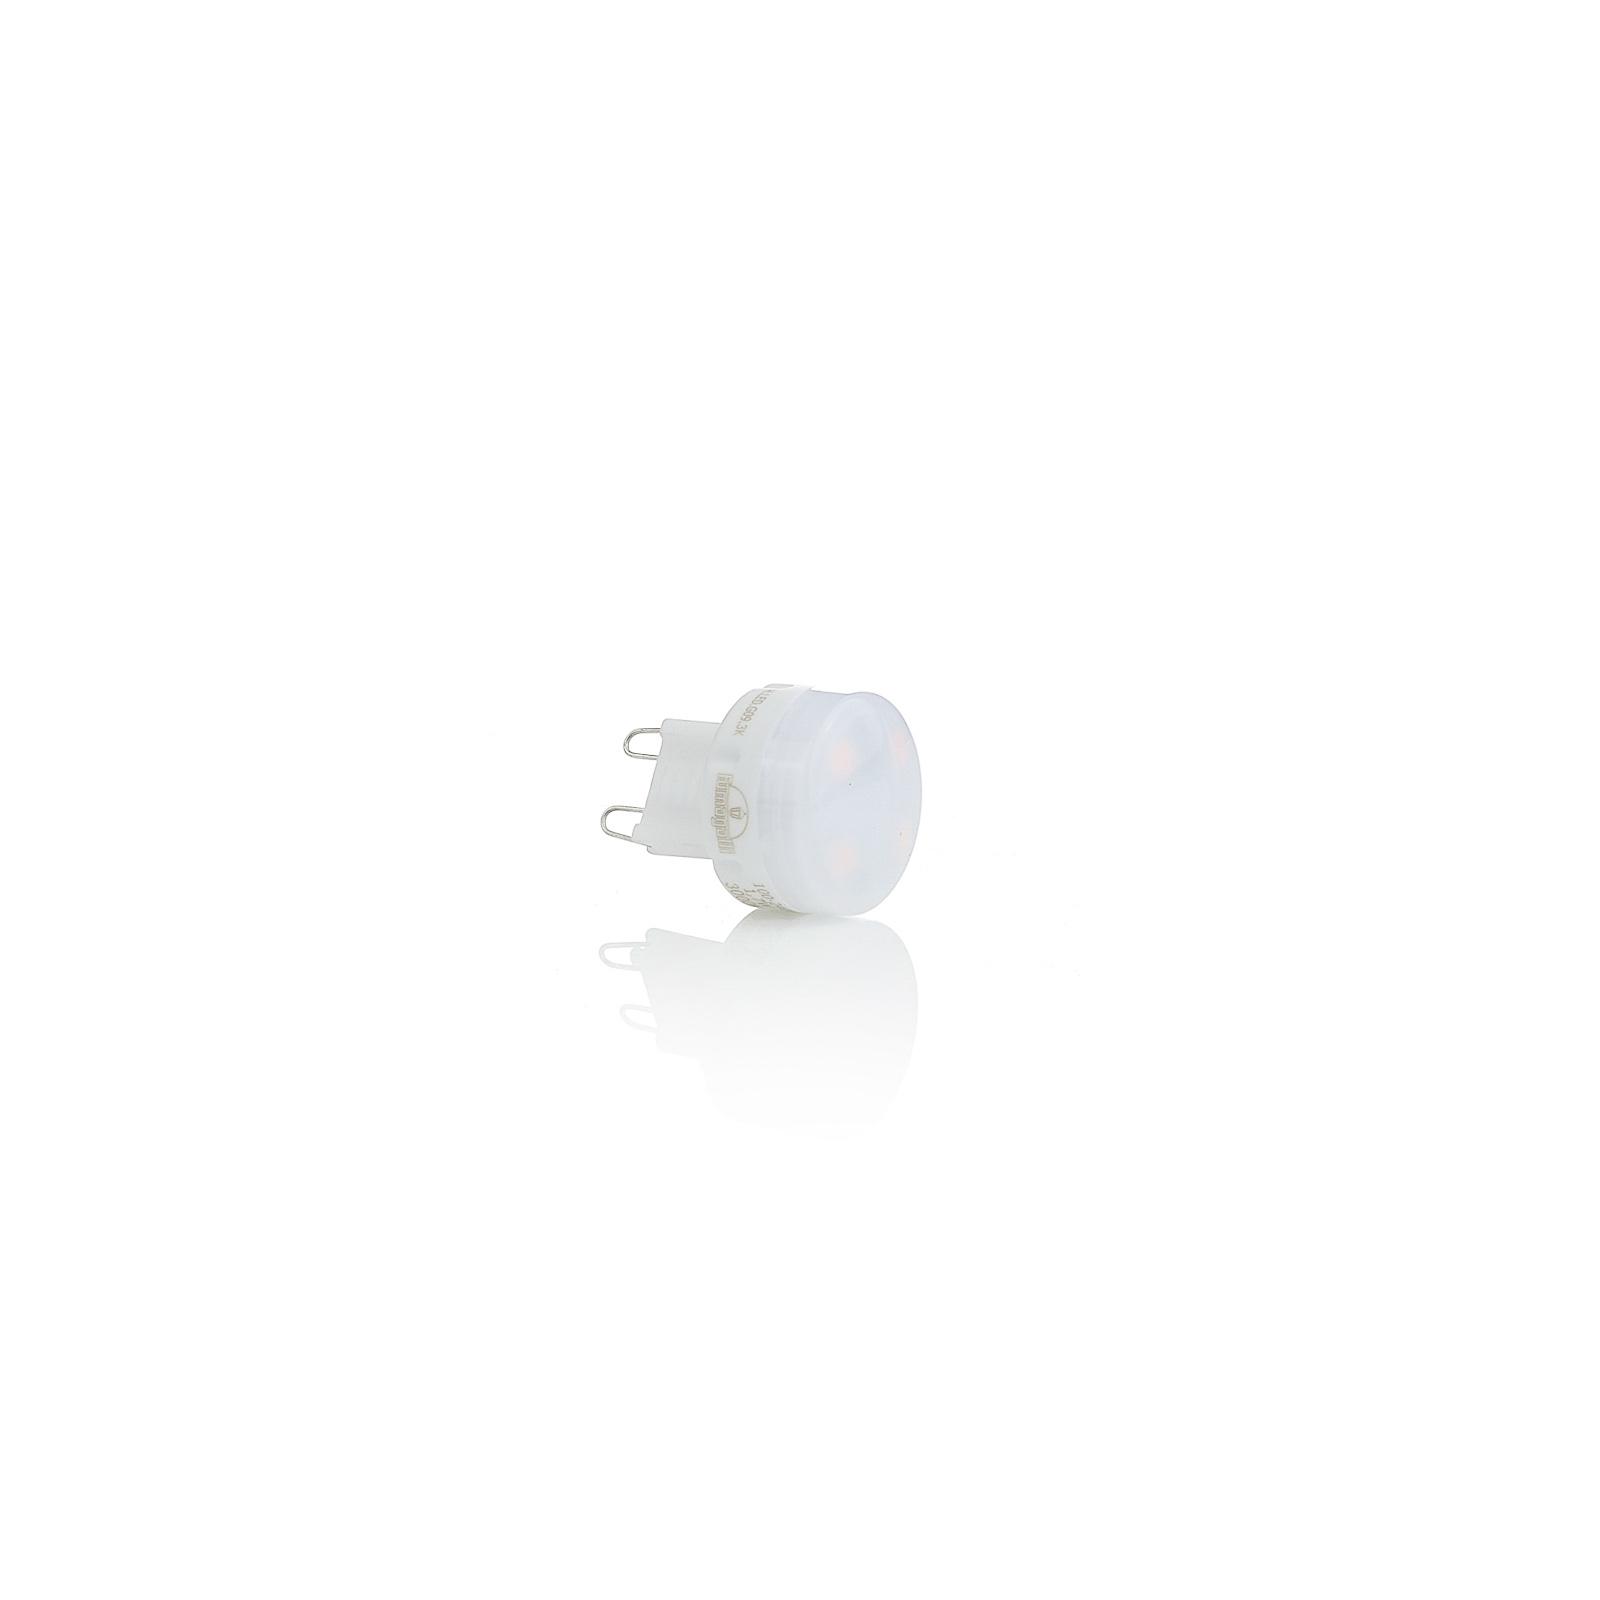 Ampoule LED G9 1,7W, 170lm, 3000K